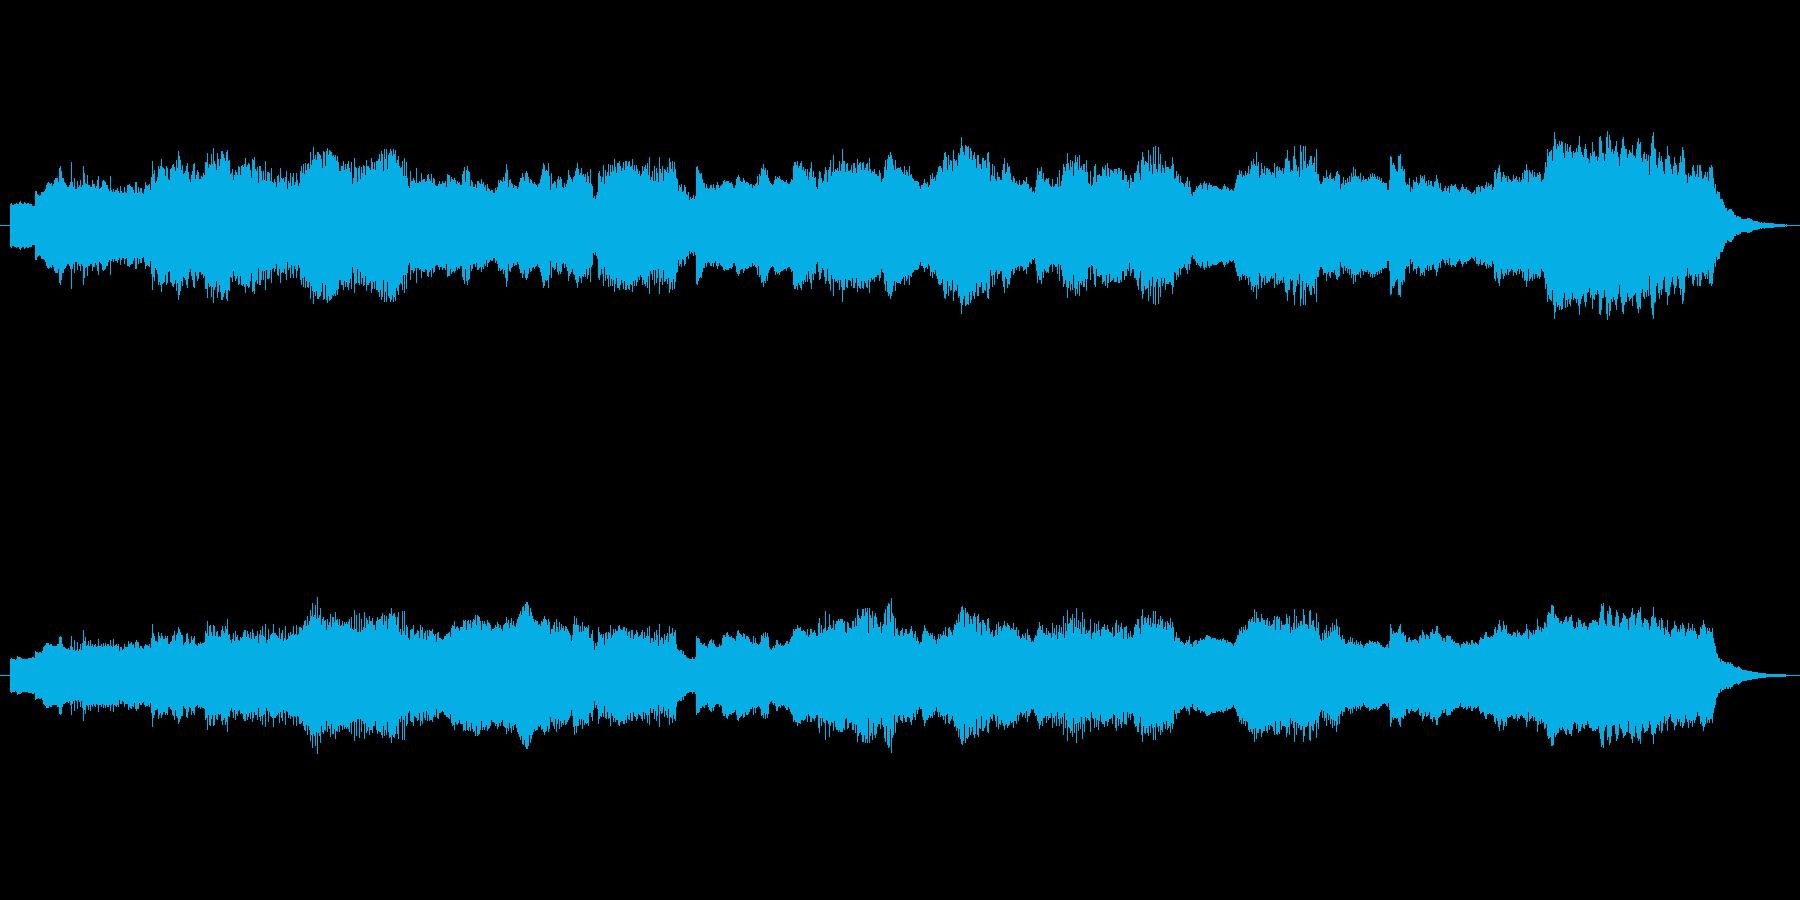 重厚なパイプオルガンの響きの再生済みの波形